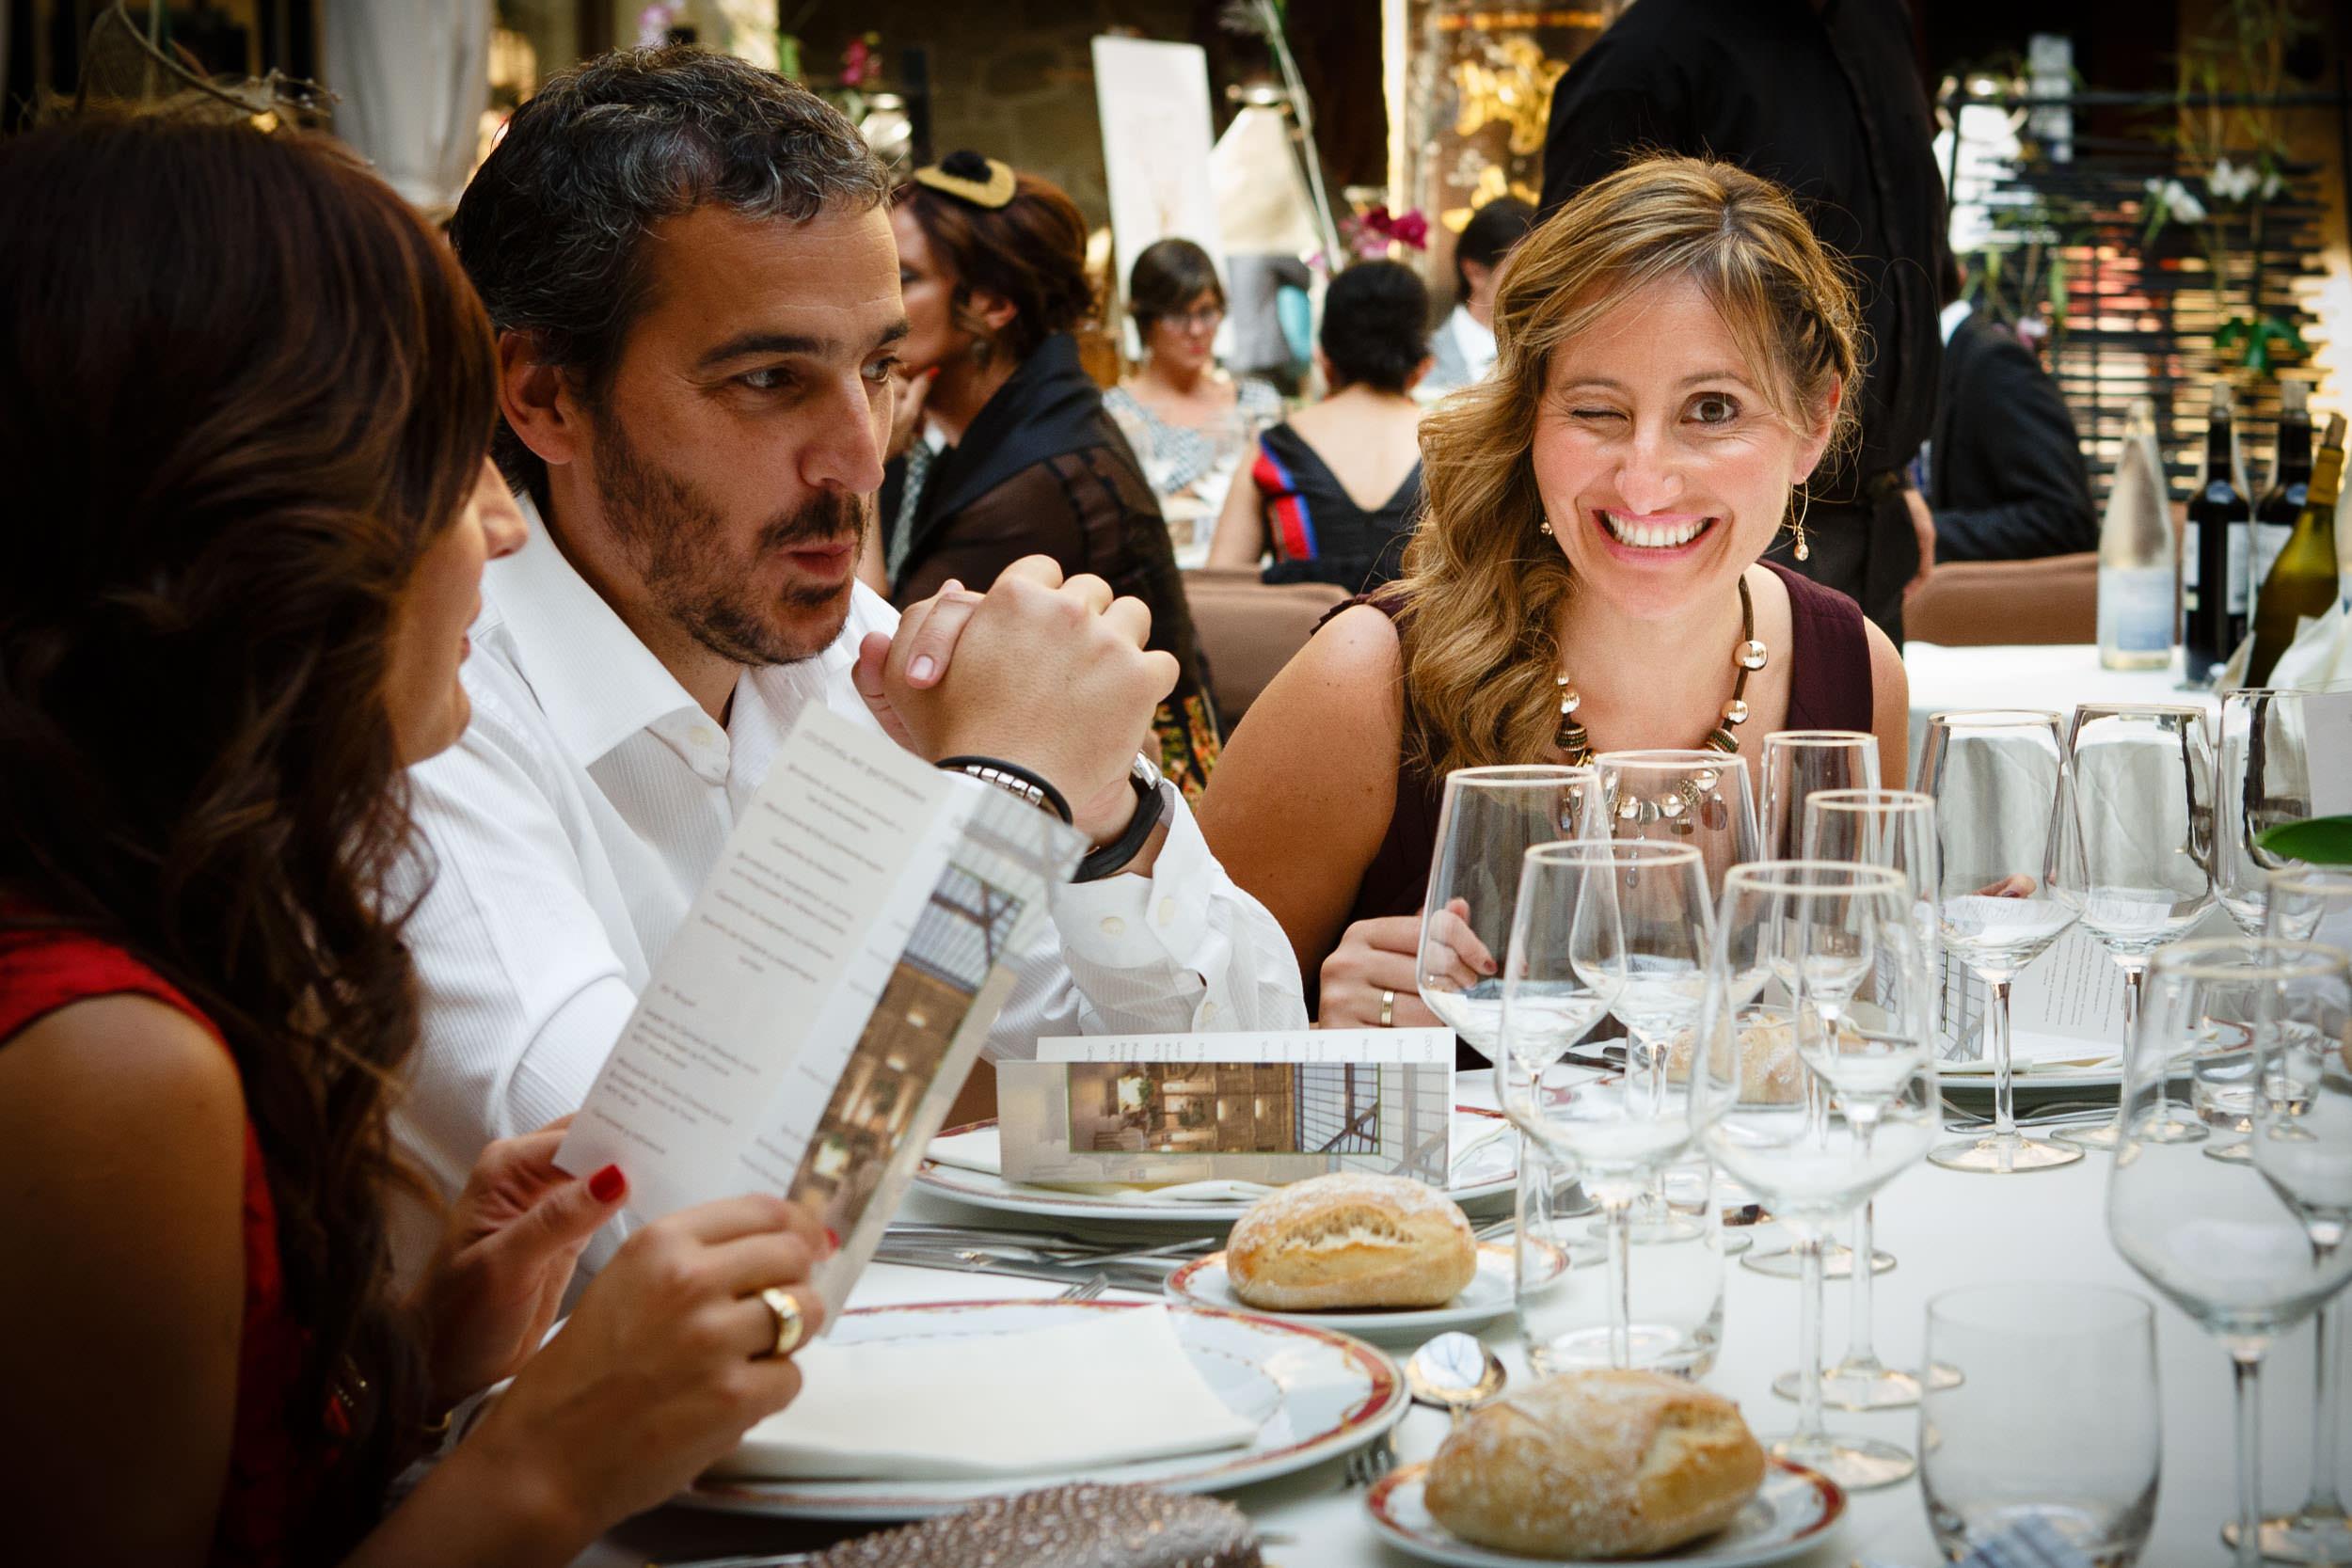 27/9/14 Maite y Aitor, Santo Domingo y Haro, La Rioja, Spain. Foto de James Sturcke | www.sturcke.org